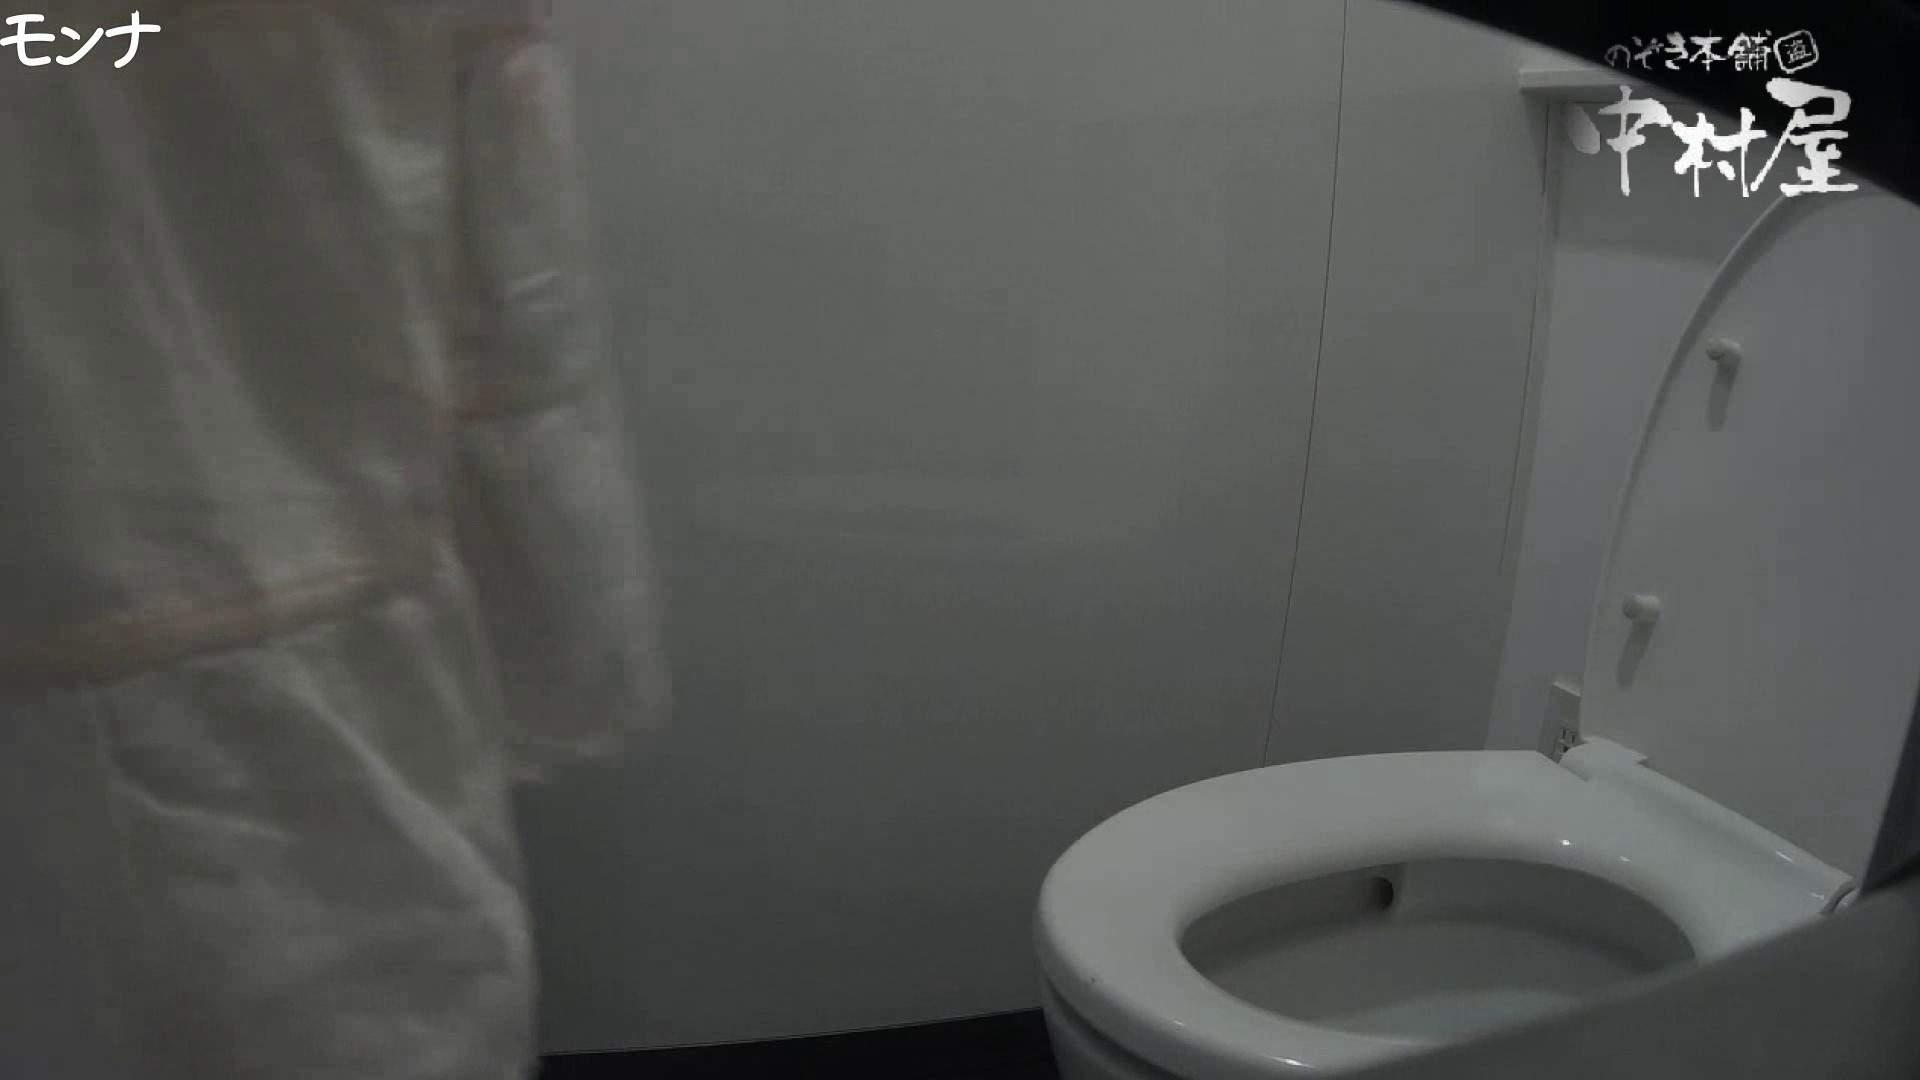 有名大学女性洗面所 vol.65 秘技!!マルチアングル天井撮り!! マルチアングル   和式  66PICs 43